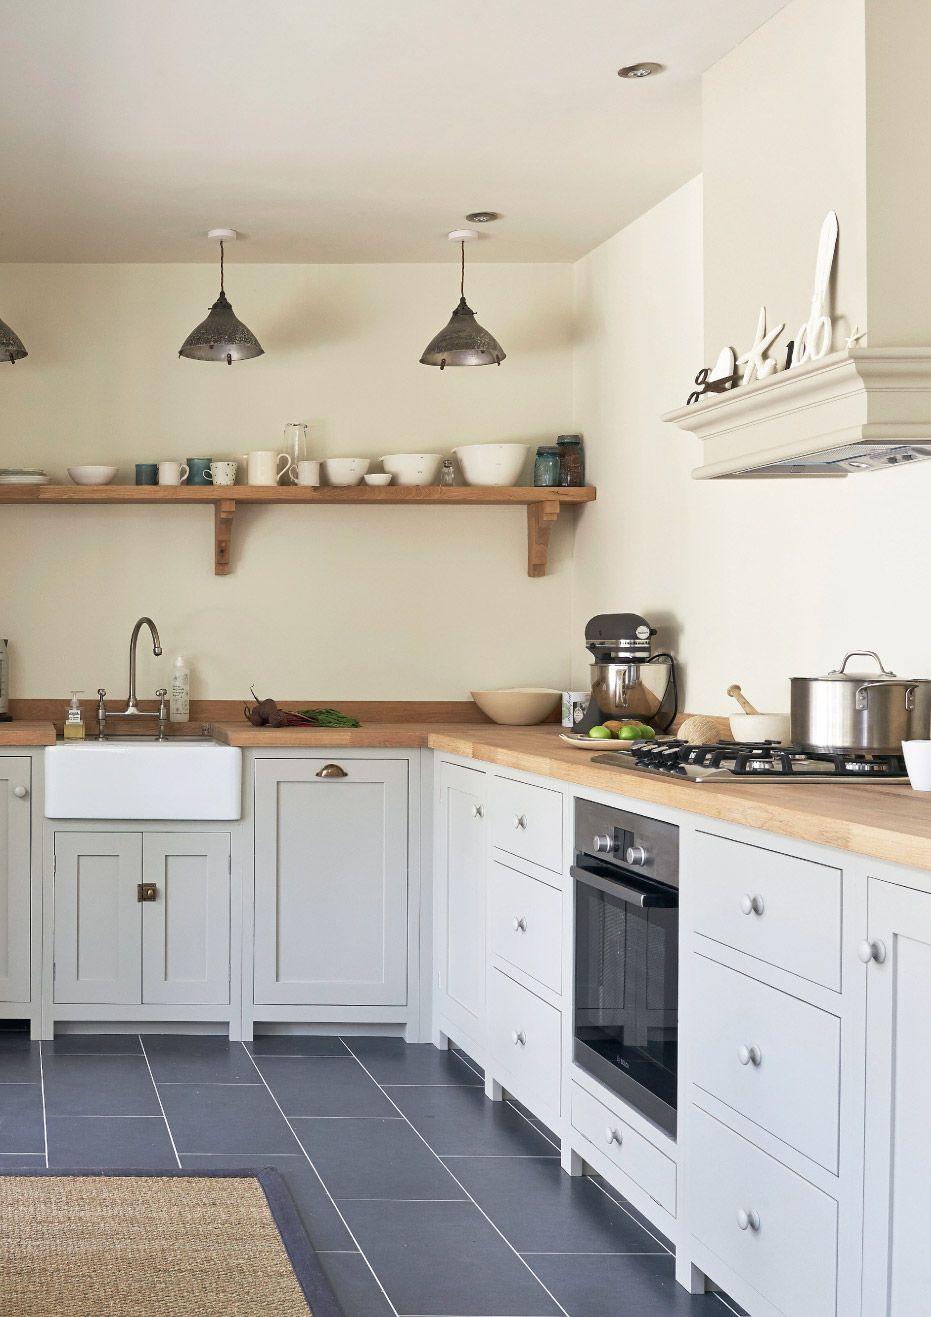 Shaker kitchen brochure devol kitchens - Border Oak Kitchen Featured In Shaker Brochure Devol Kitchens And Interiors